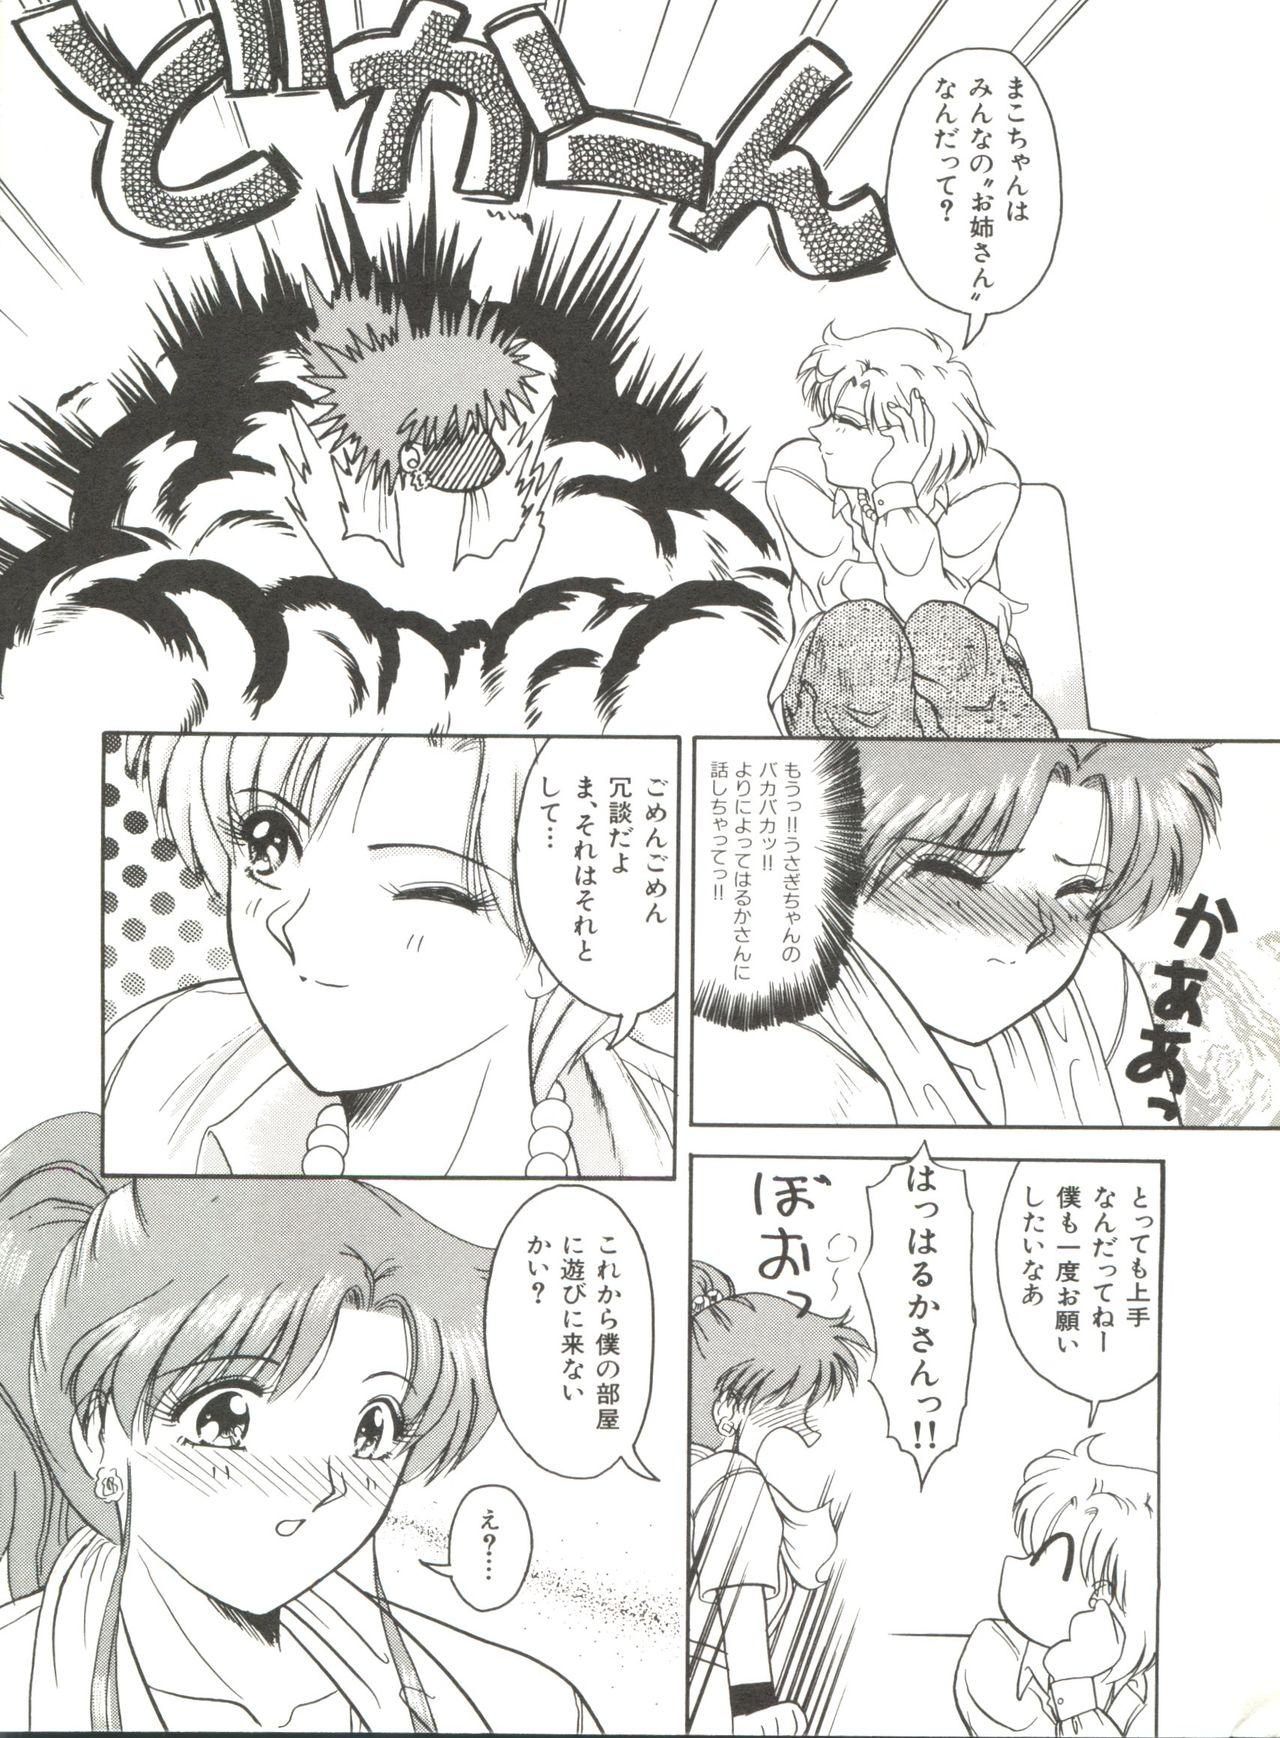 Bishoujo Doujinshi Anthology 12 - Moon Paradise 7 Tsuki no Rakuen 12